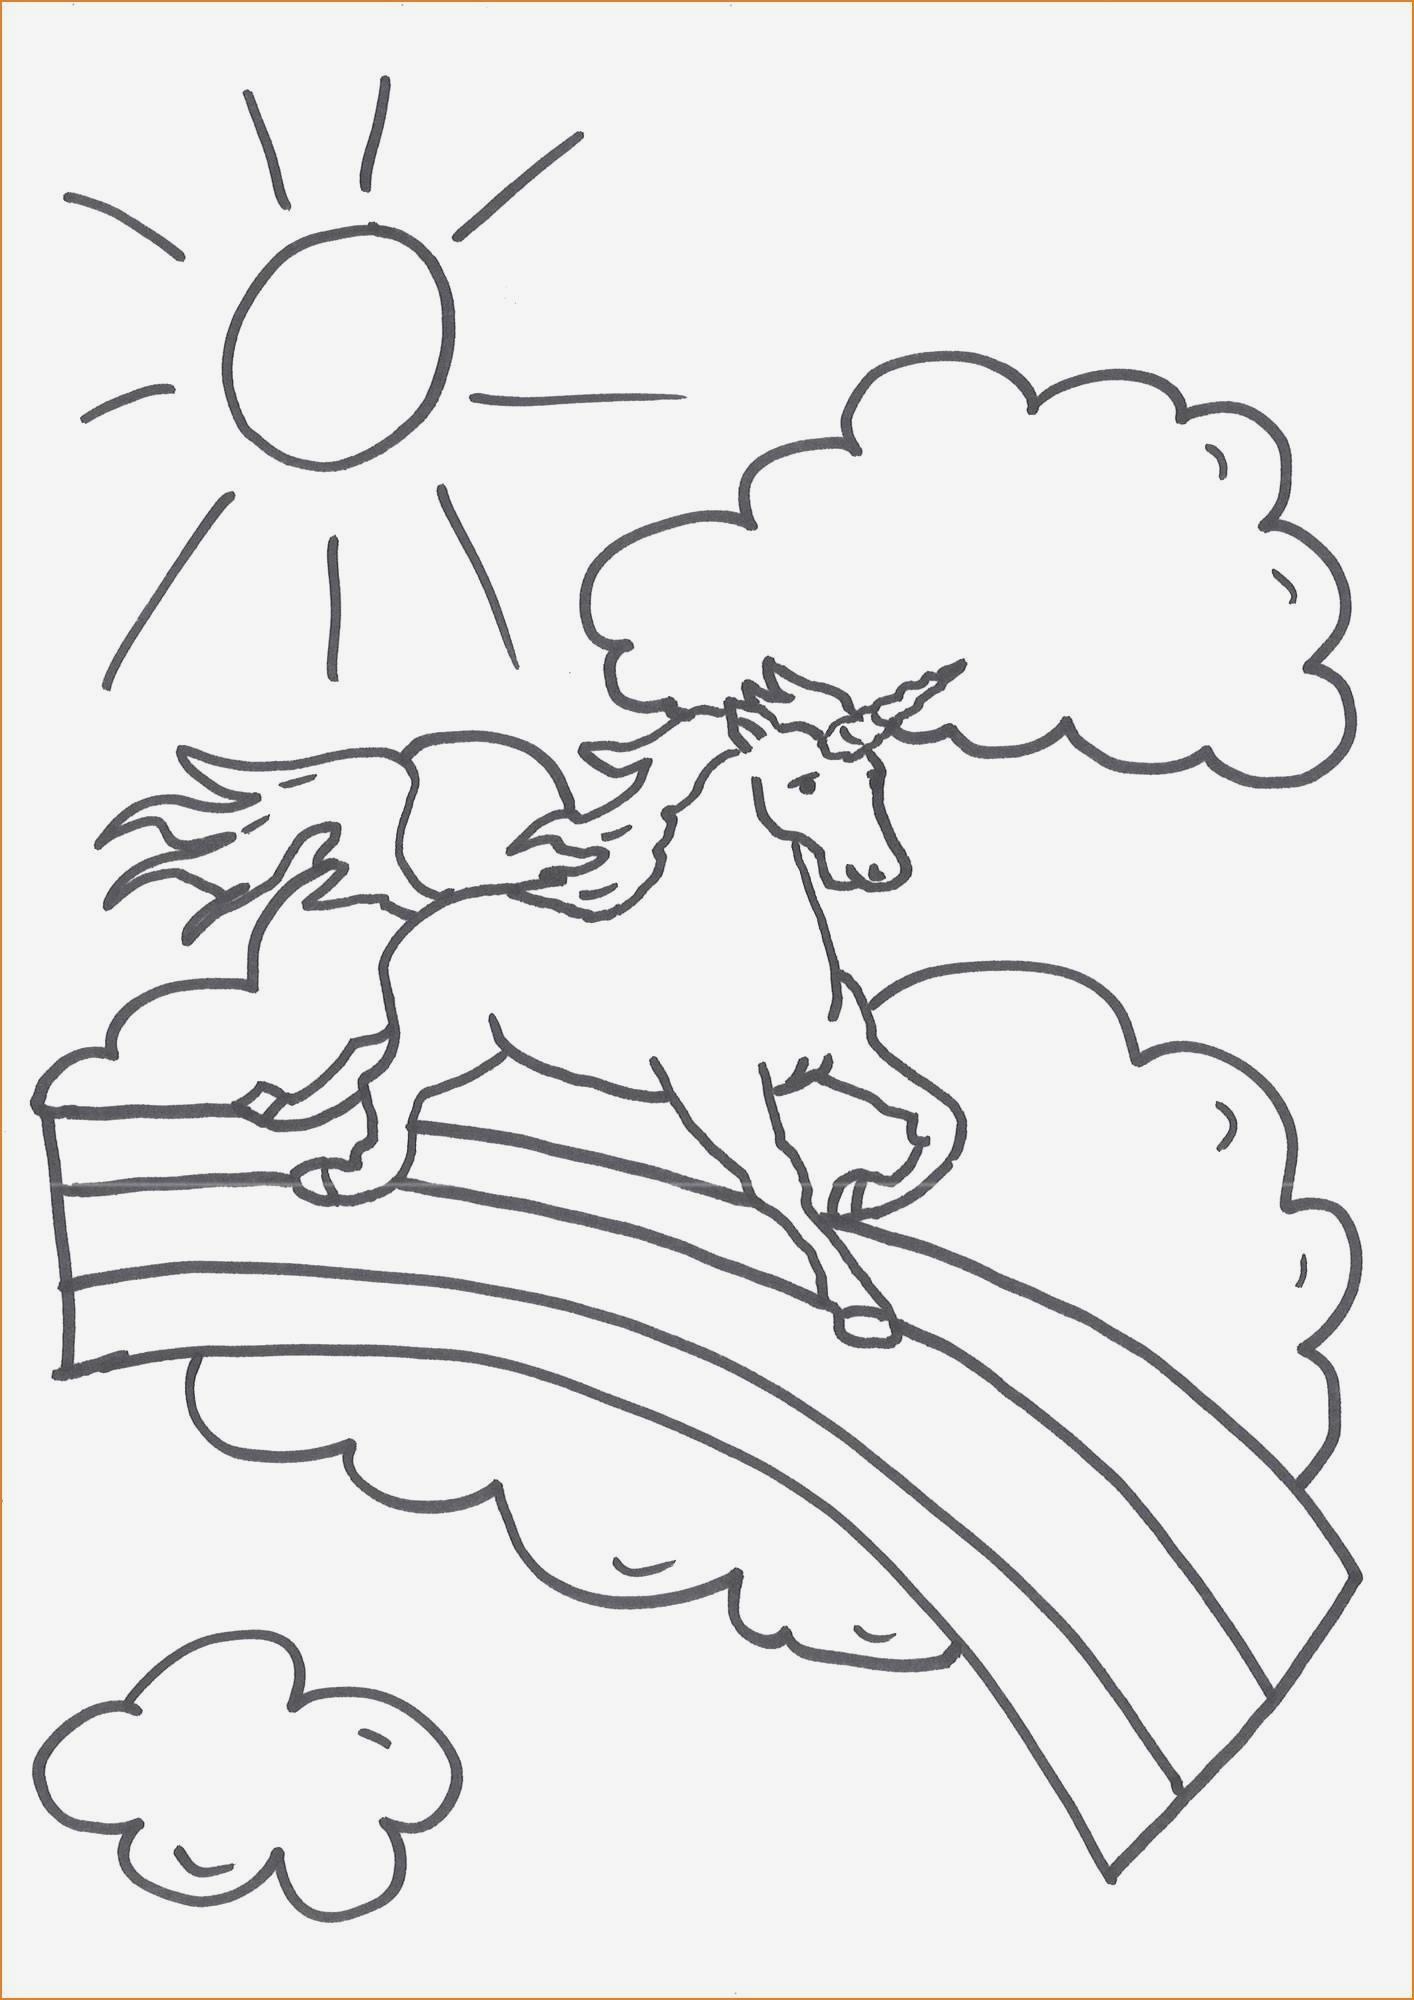 Einhorn Bilder Zum Ausmalen Neu Einhorn Bilder Cartoon Außergewöhnliche Bildergalerie Bilder Zum Sammlung